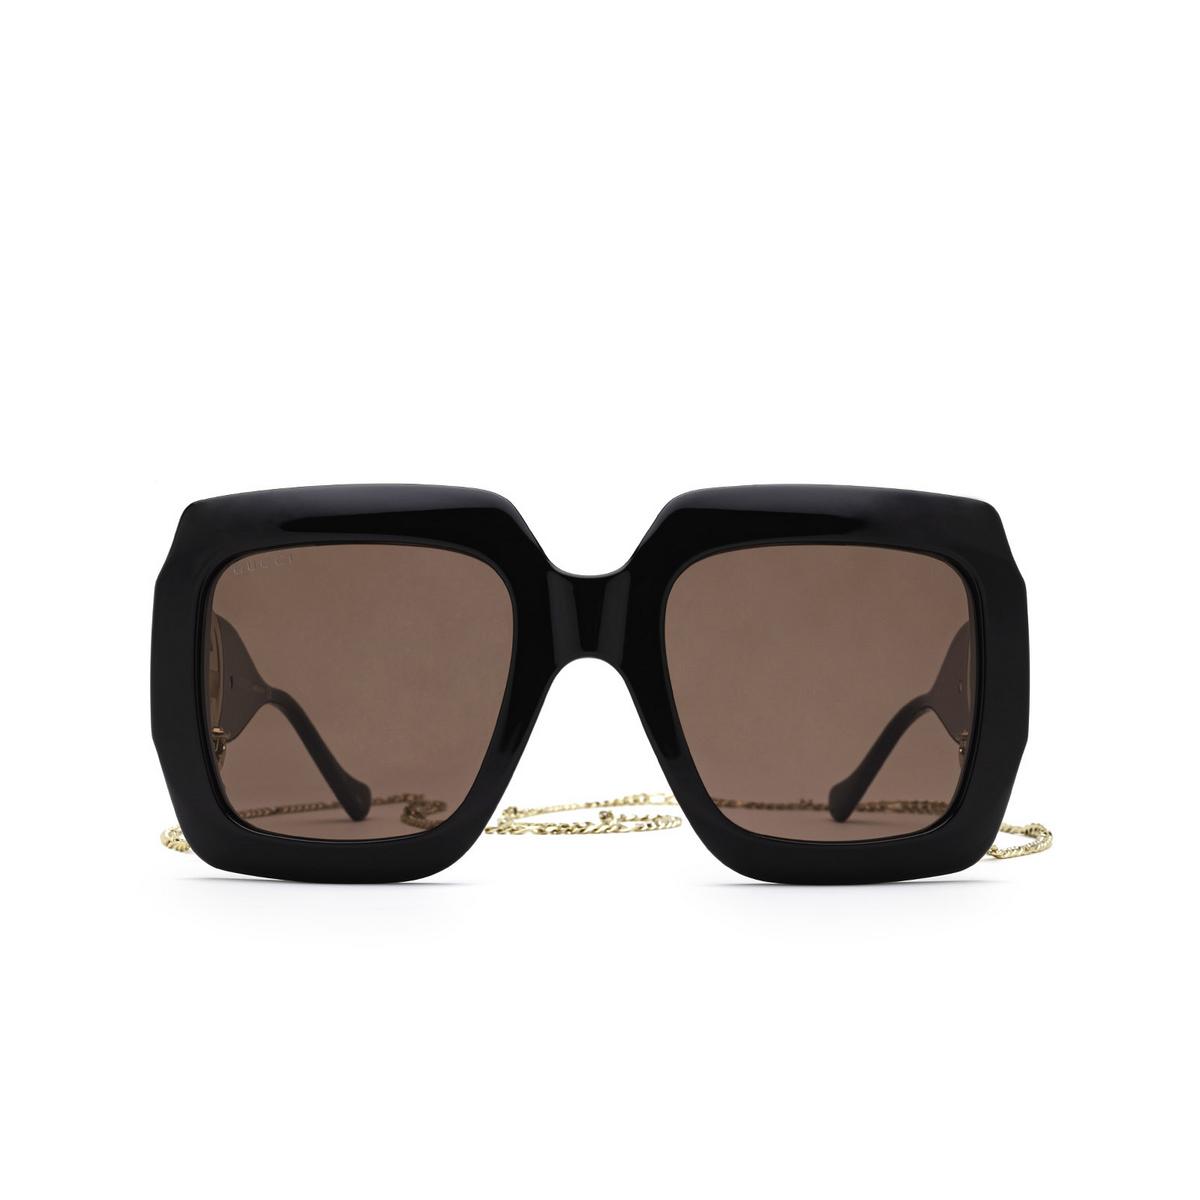 Gucci® Square Sunglasses: GG1022S color Black 005 - front view.